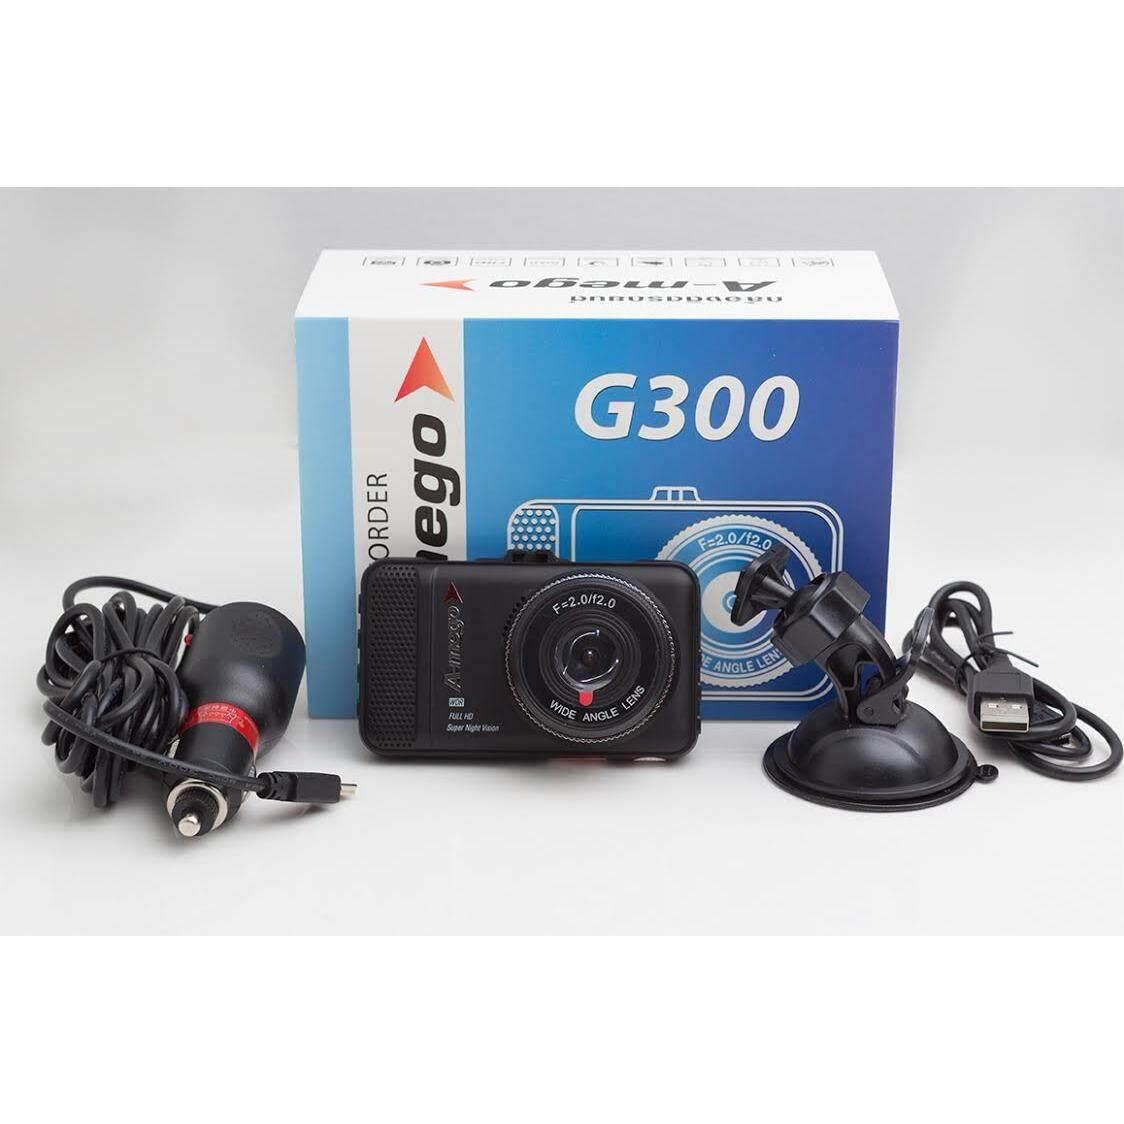 ซื้อ กล้องติดรถยนต์ A Mego G300 แถมฟรี Memory Kingston Micro Sd Card Class 10 16Gb A Mego เป็นต้นฉบับ